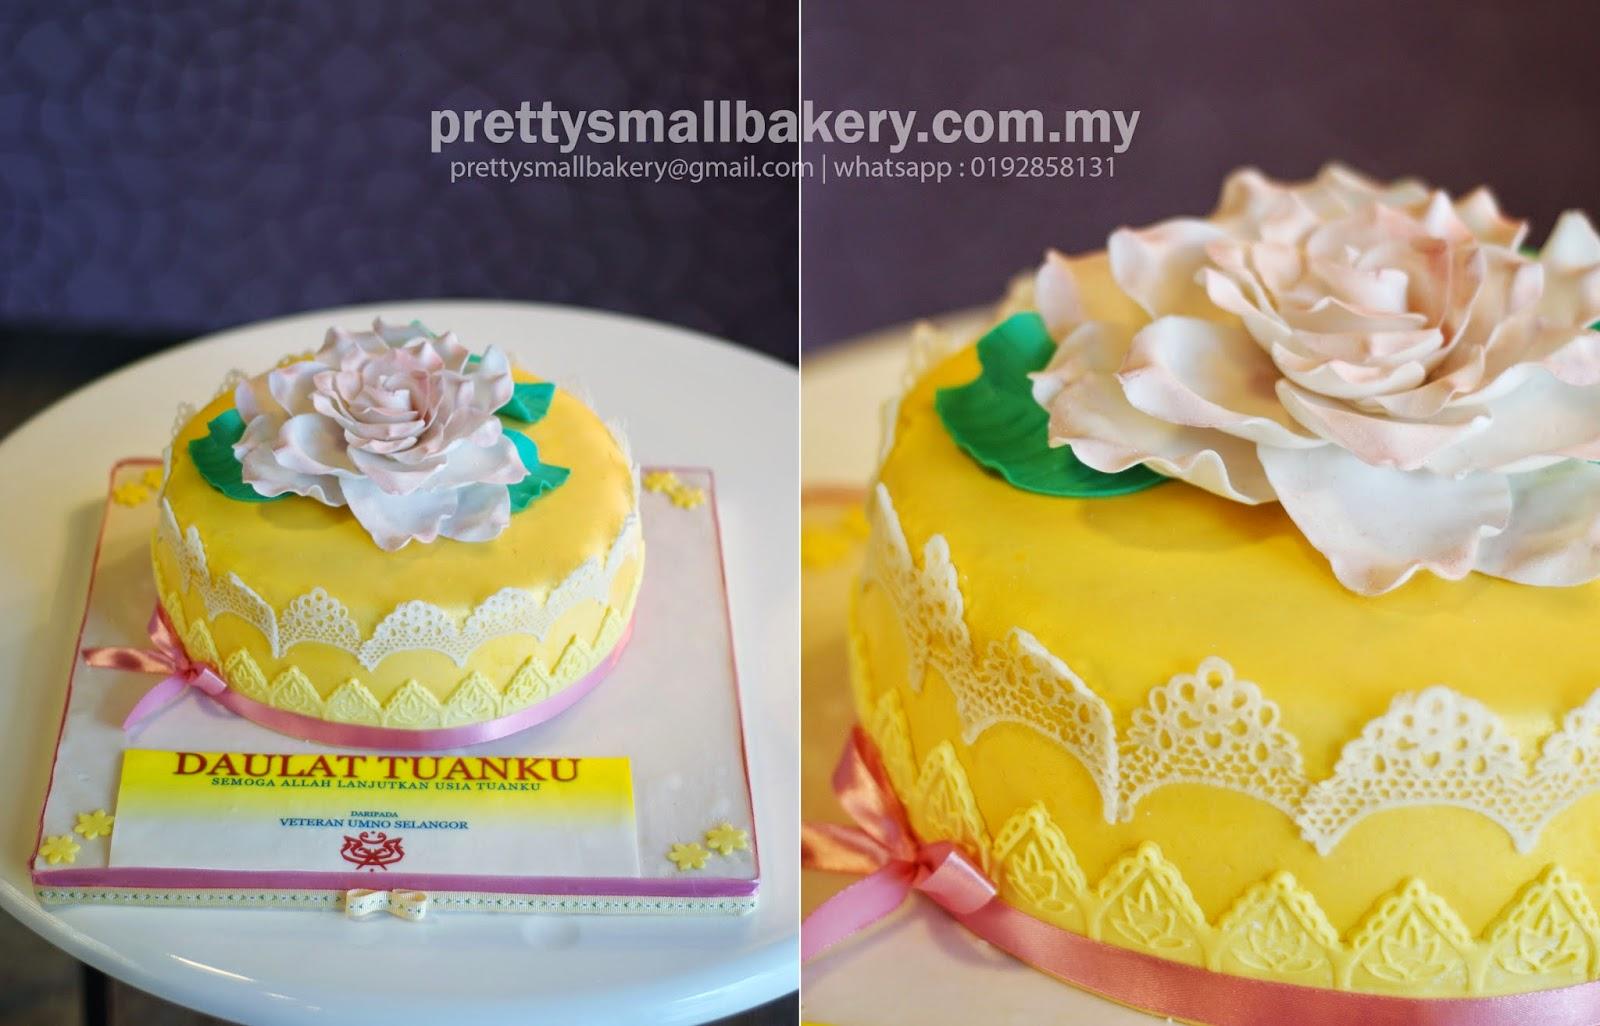 Kek Hari Jadi Sultan Selangor Prettysmallbakery